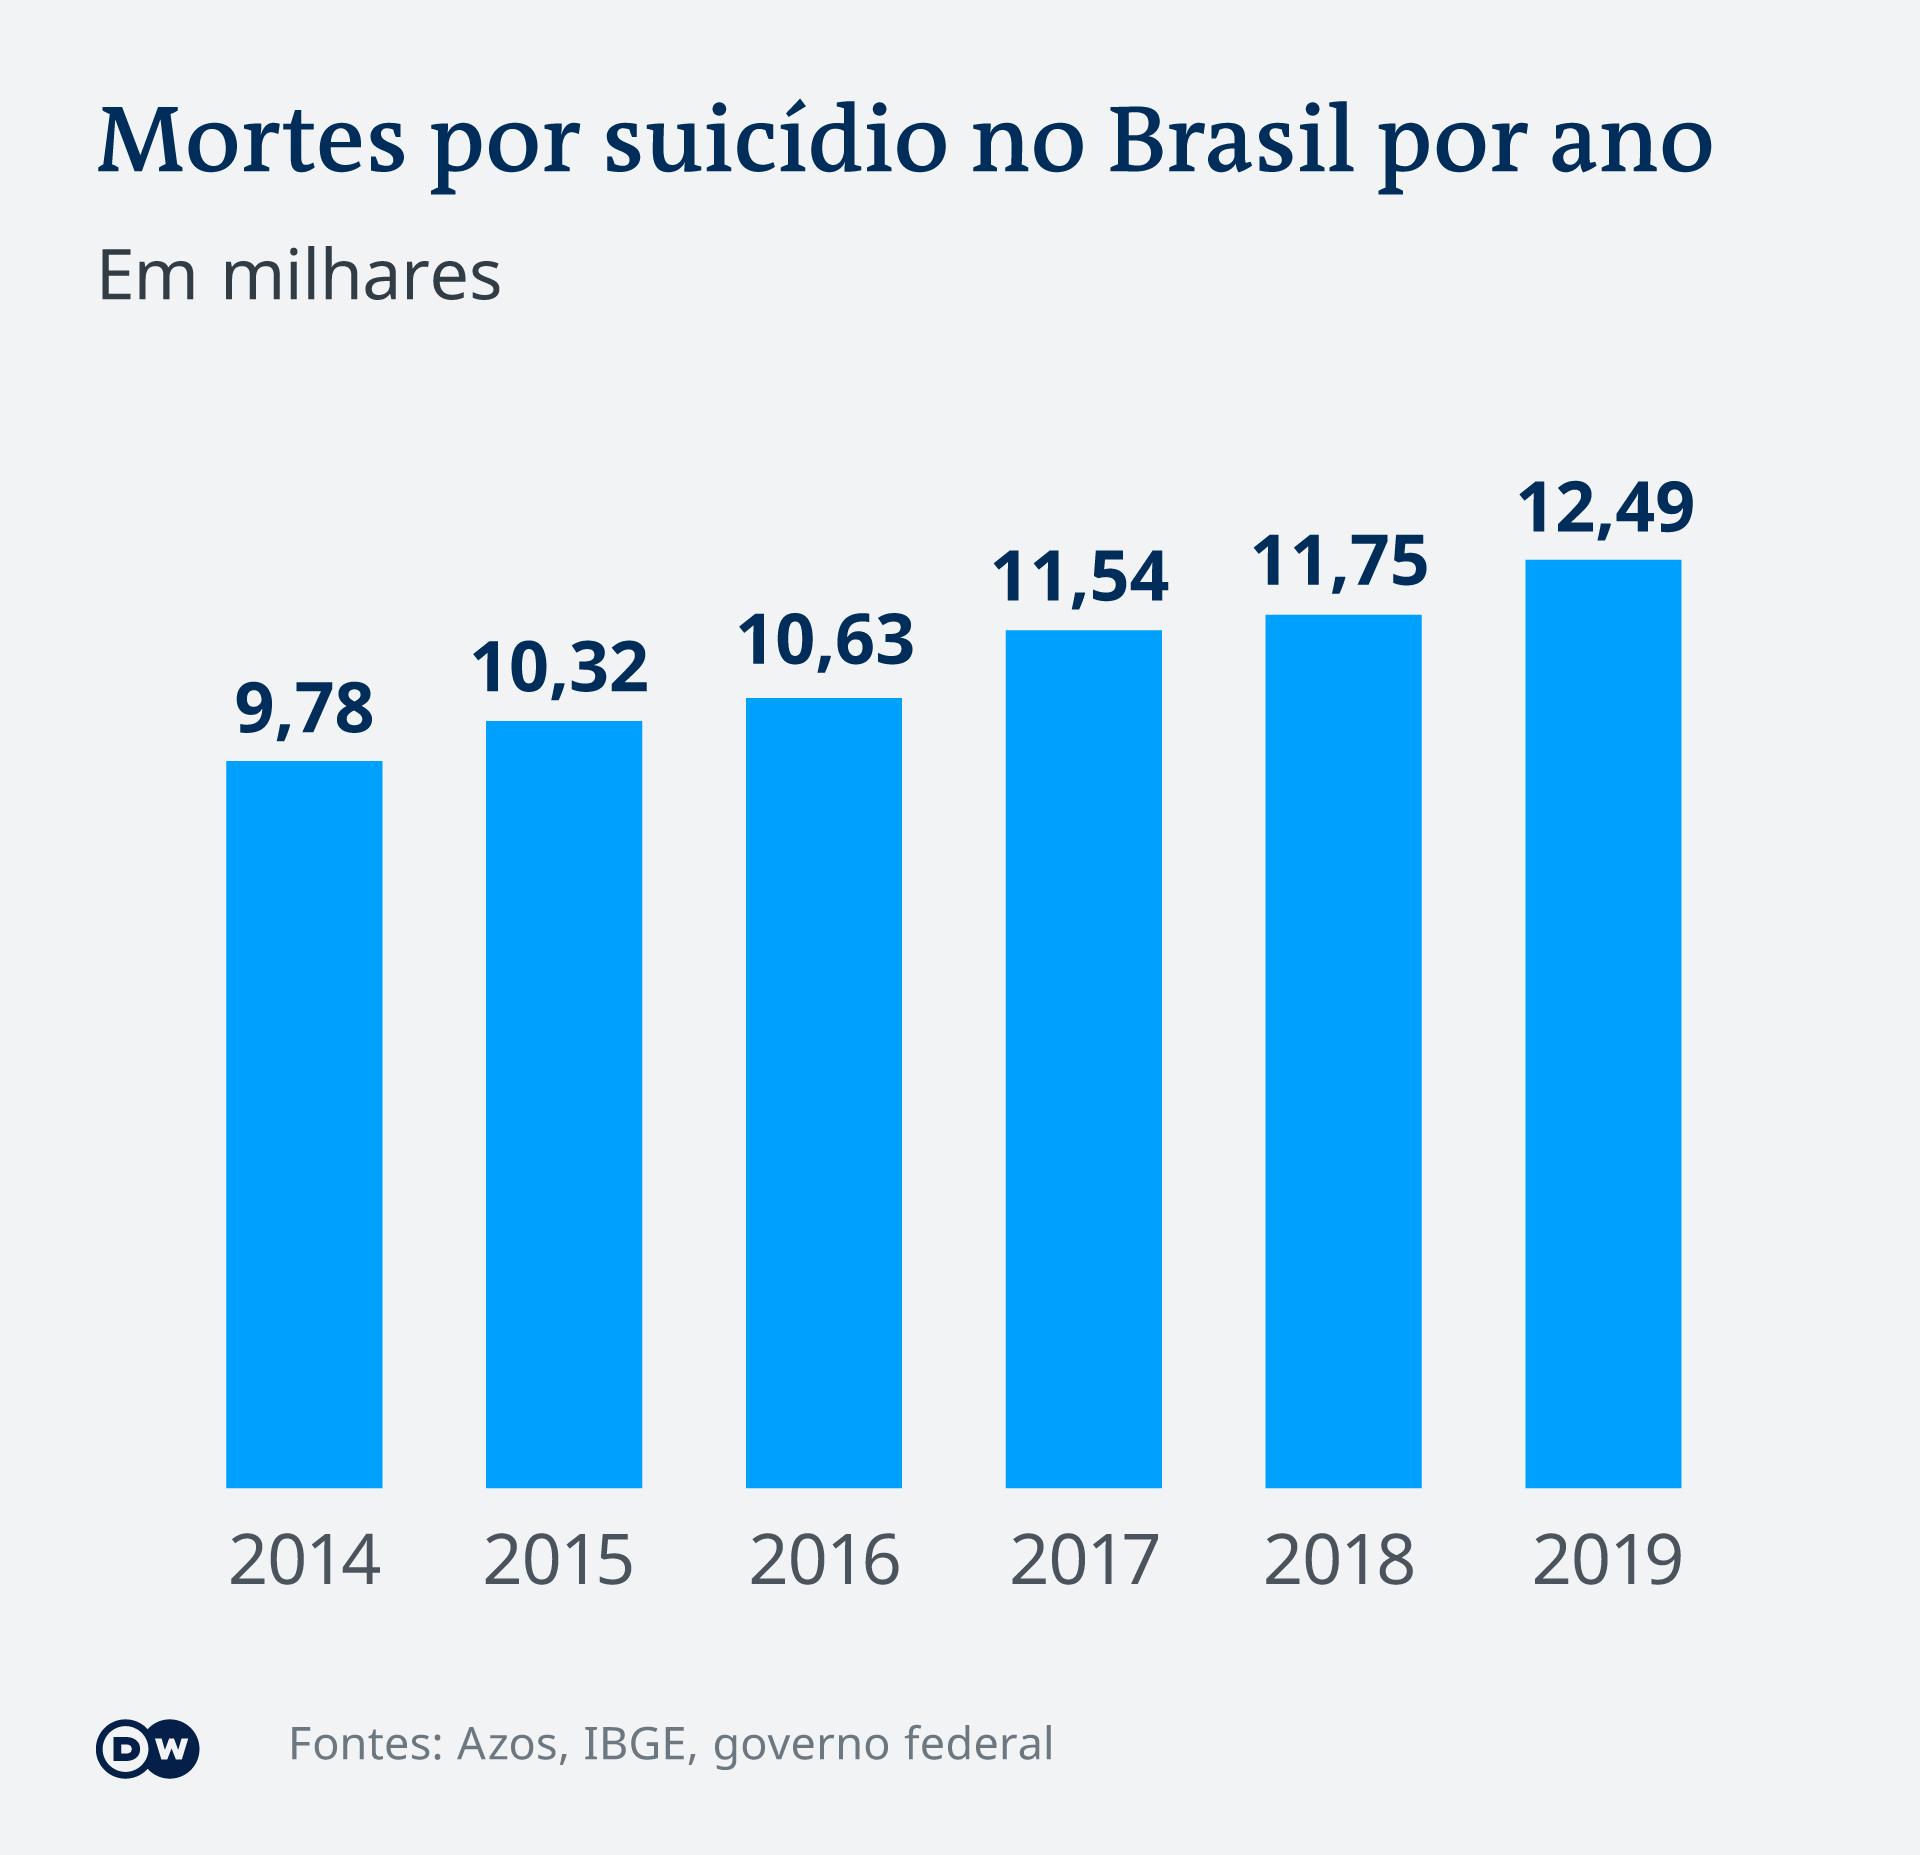 Gráfico: Mortes por suicídio no Brasil por ano (2014-2019)